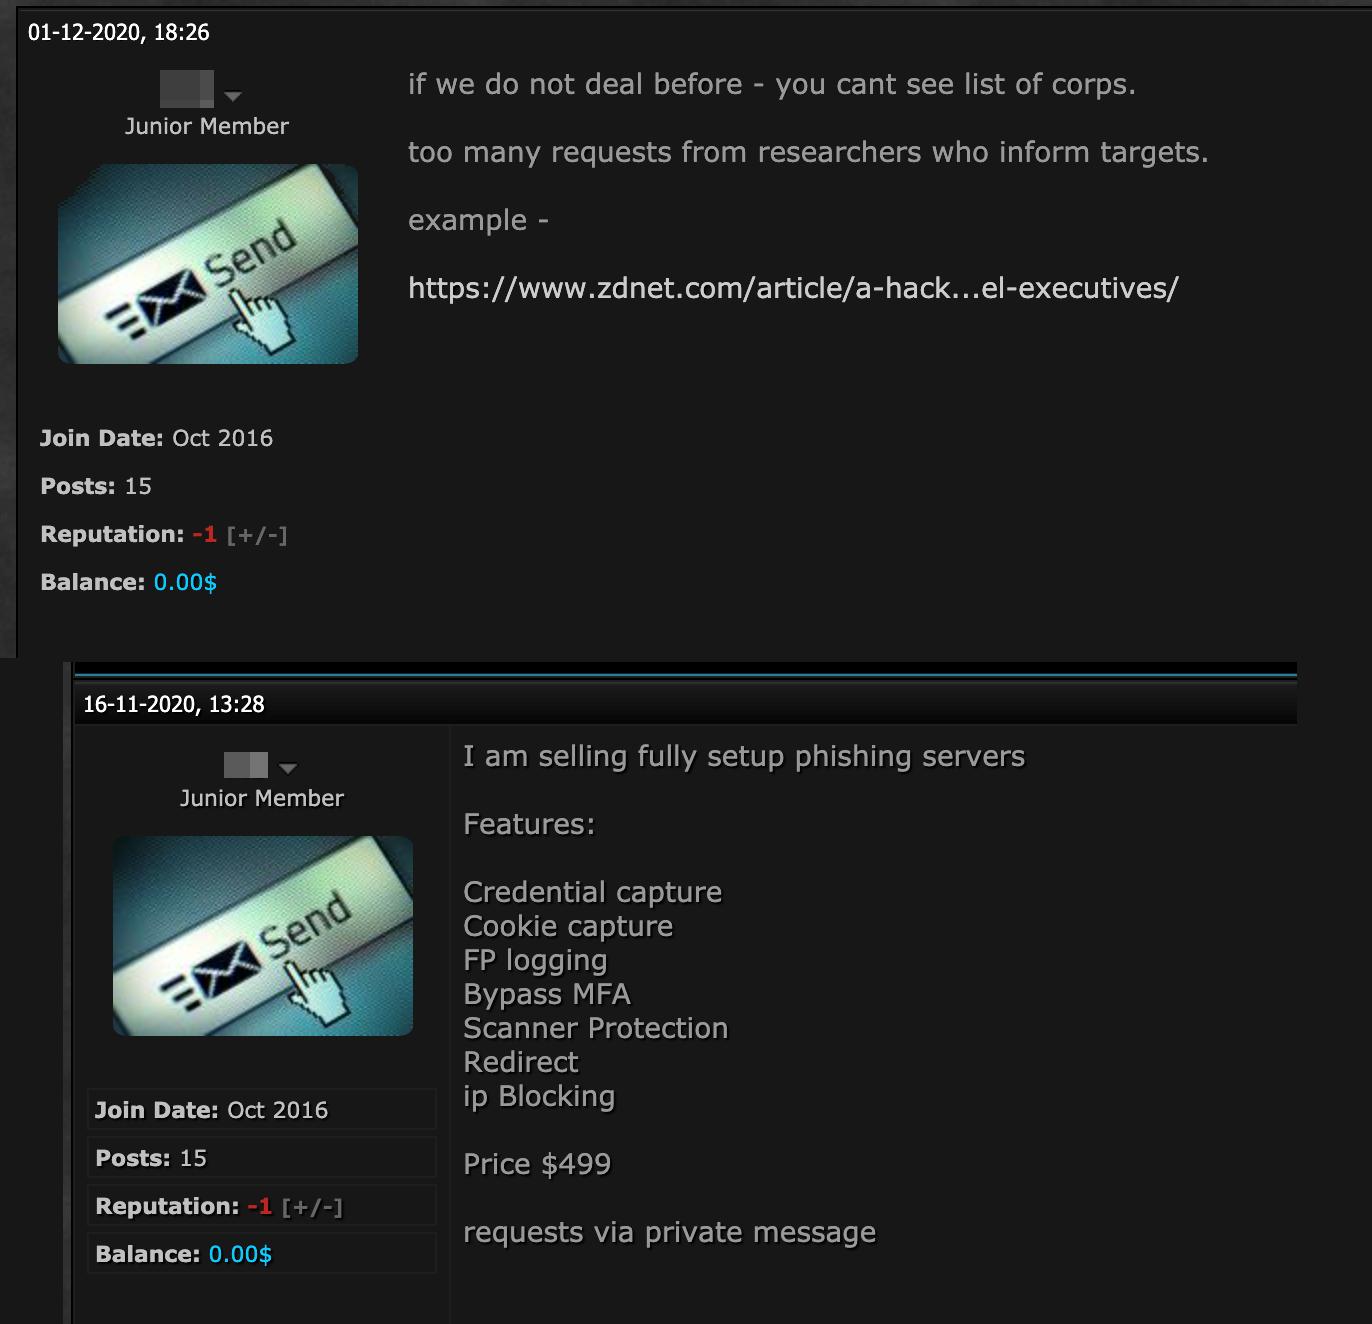 図17:商品取引についての条件を掲載するアンダーグラウンドで活動する販売者(上)と、フィッシングキットを販売する別の投稿(下)